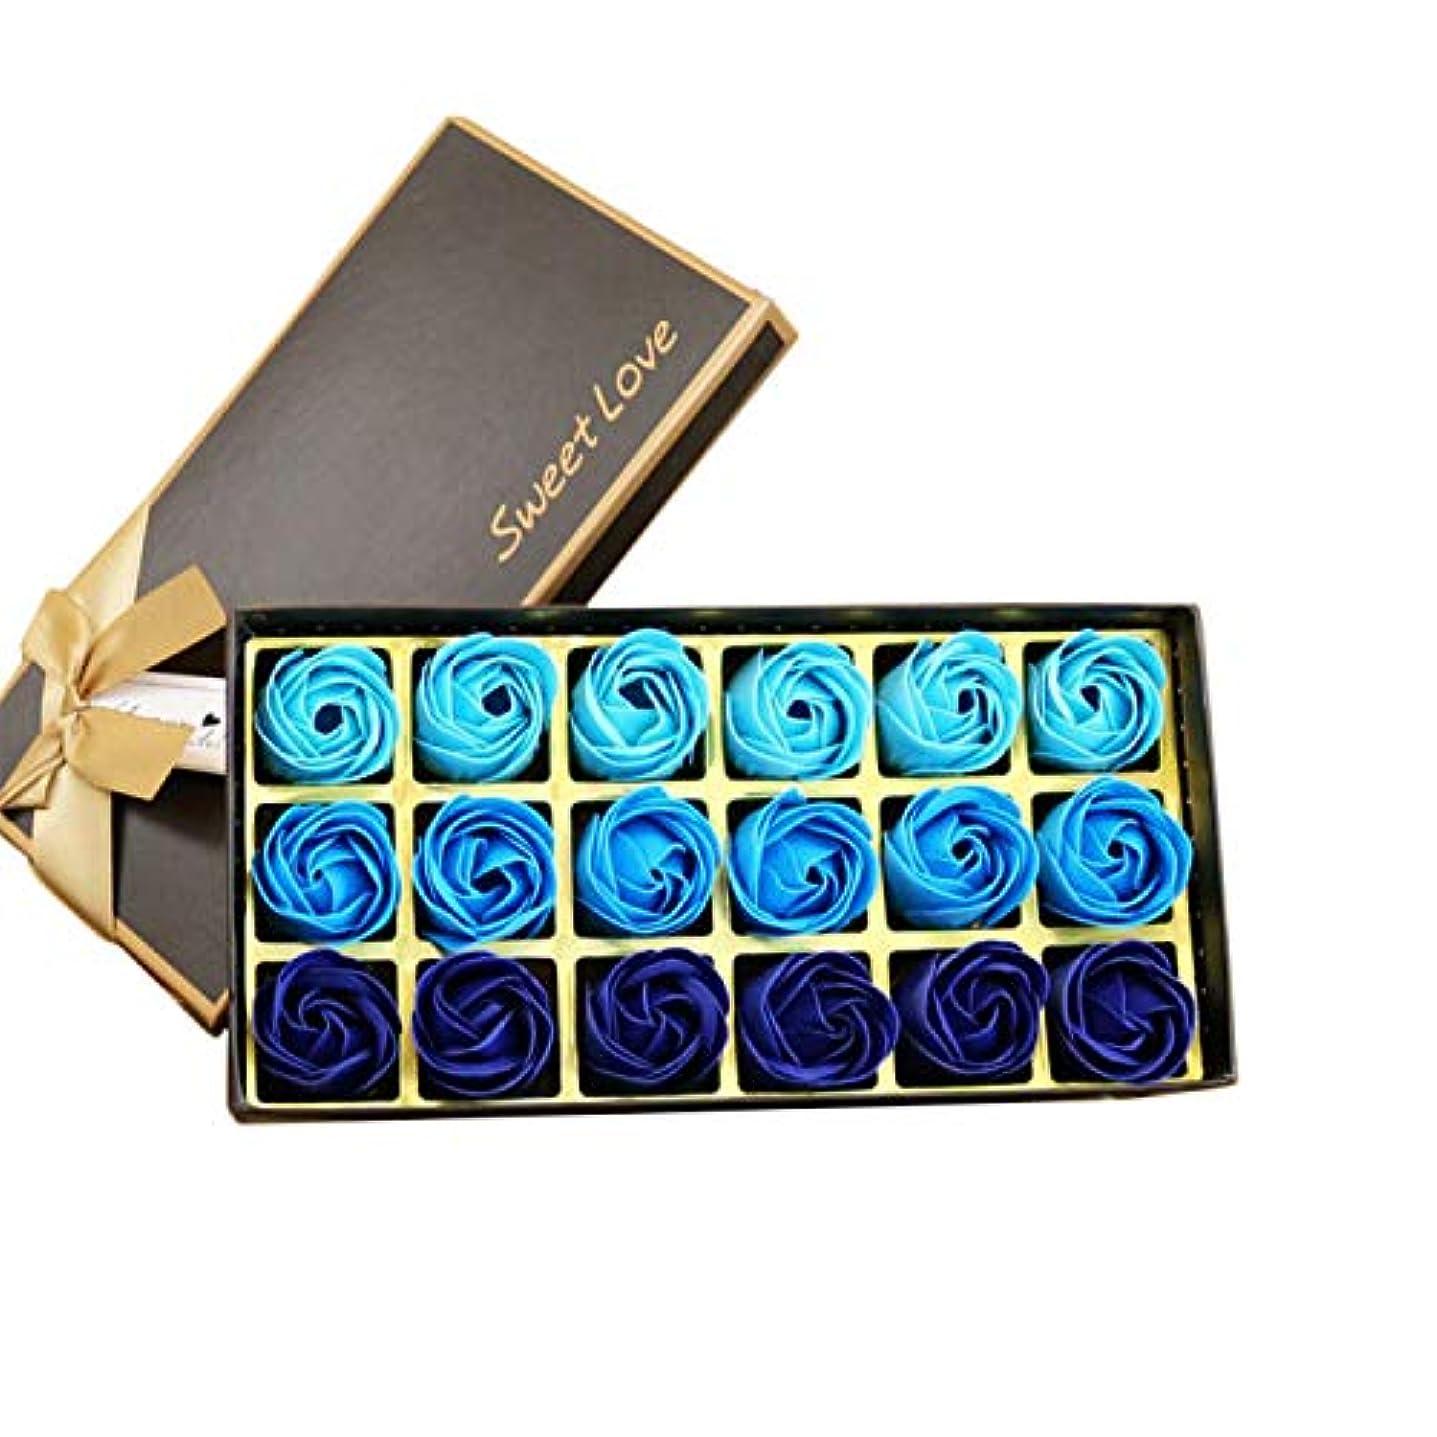 歪めるパノラマオンサントレード 18枚入り 花の香 せっけん バスソープ せっけん ローズフラワー形 ロマンティック 記念日 誕生日 結婚式 バレンタインデー プレゼント (ブルー)